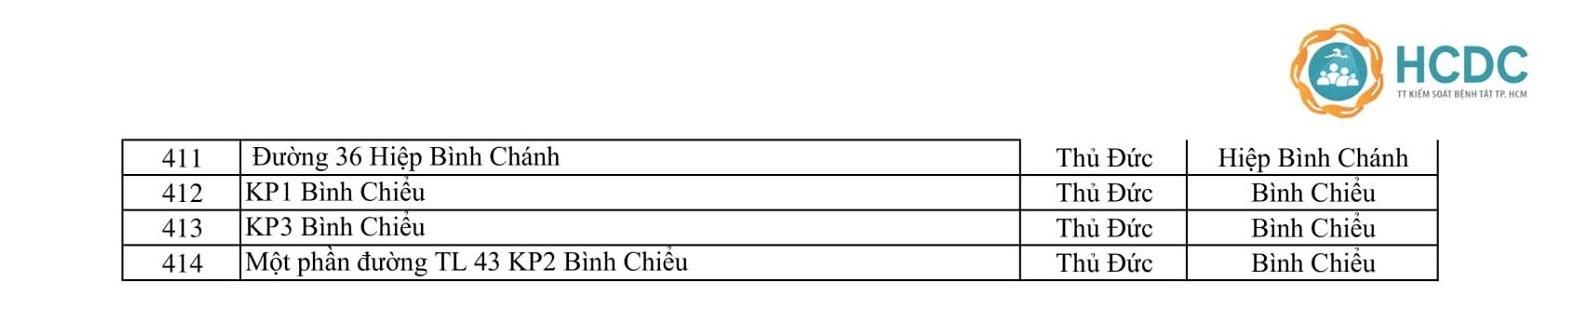 Ca Covid-19 tăng kỷ lục, TP.HCM có 414 điểm phong tỏa